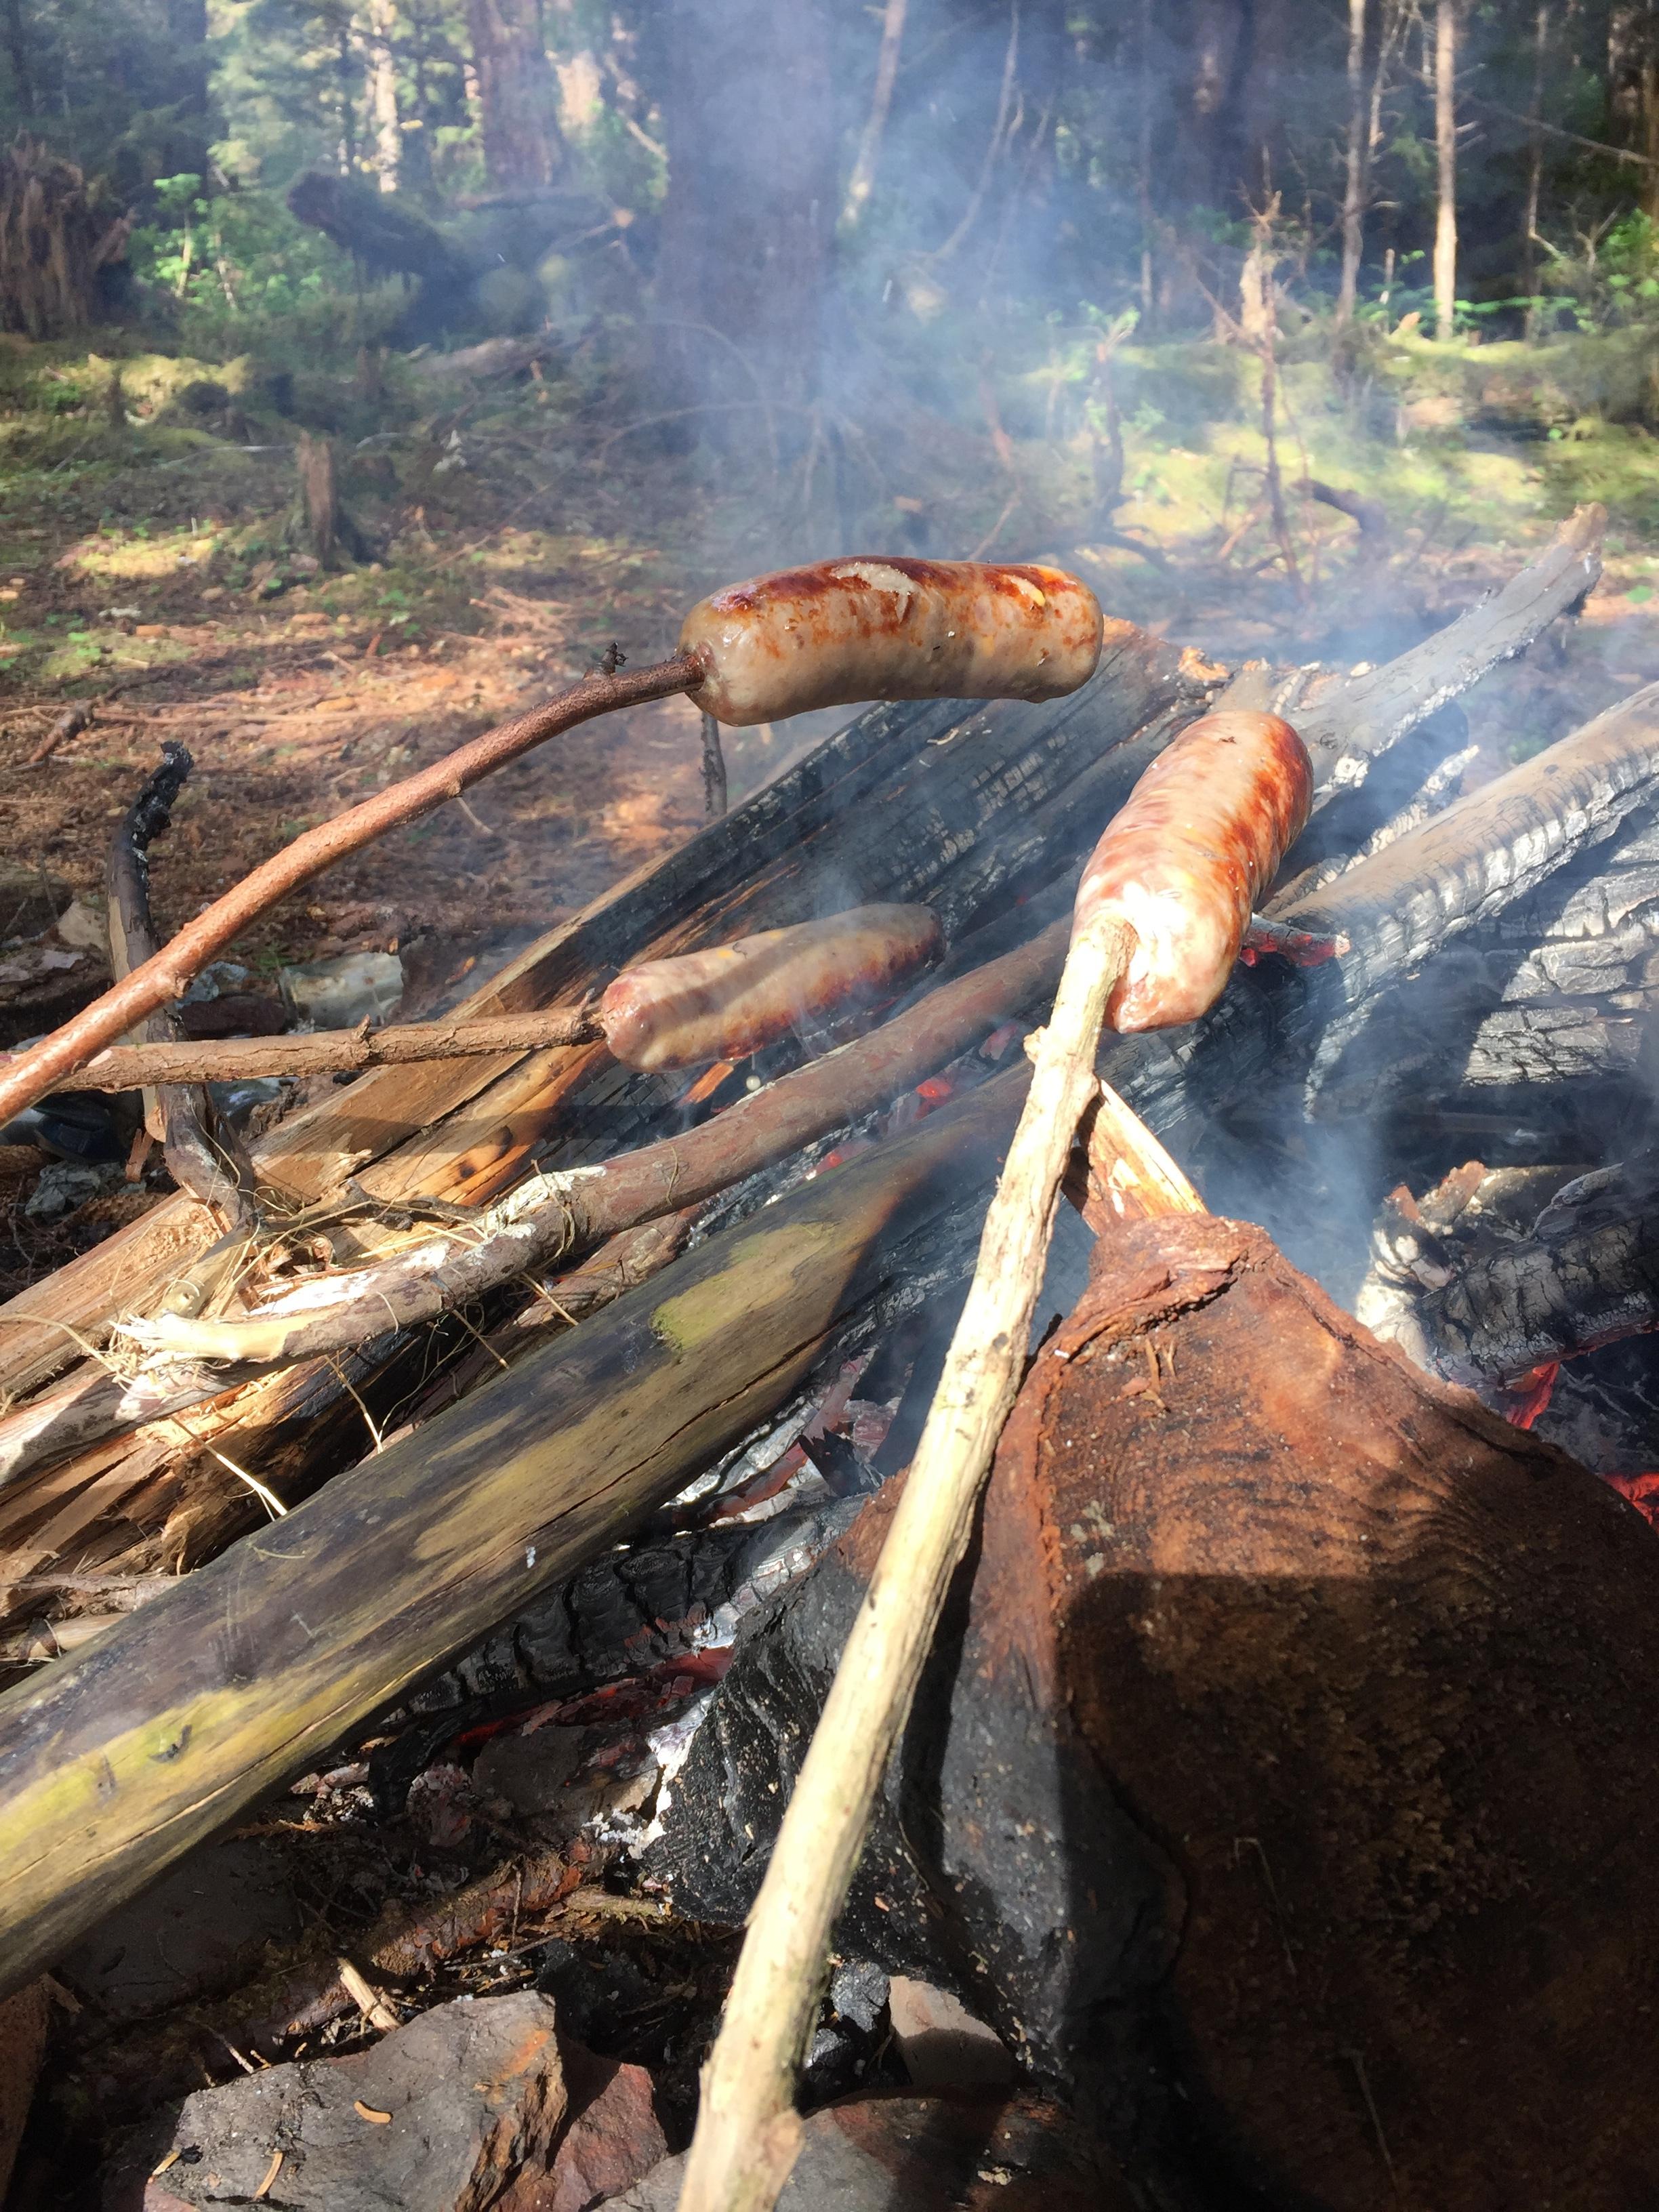 Campfire treats